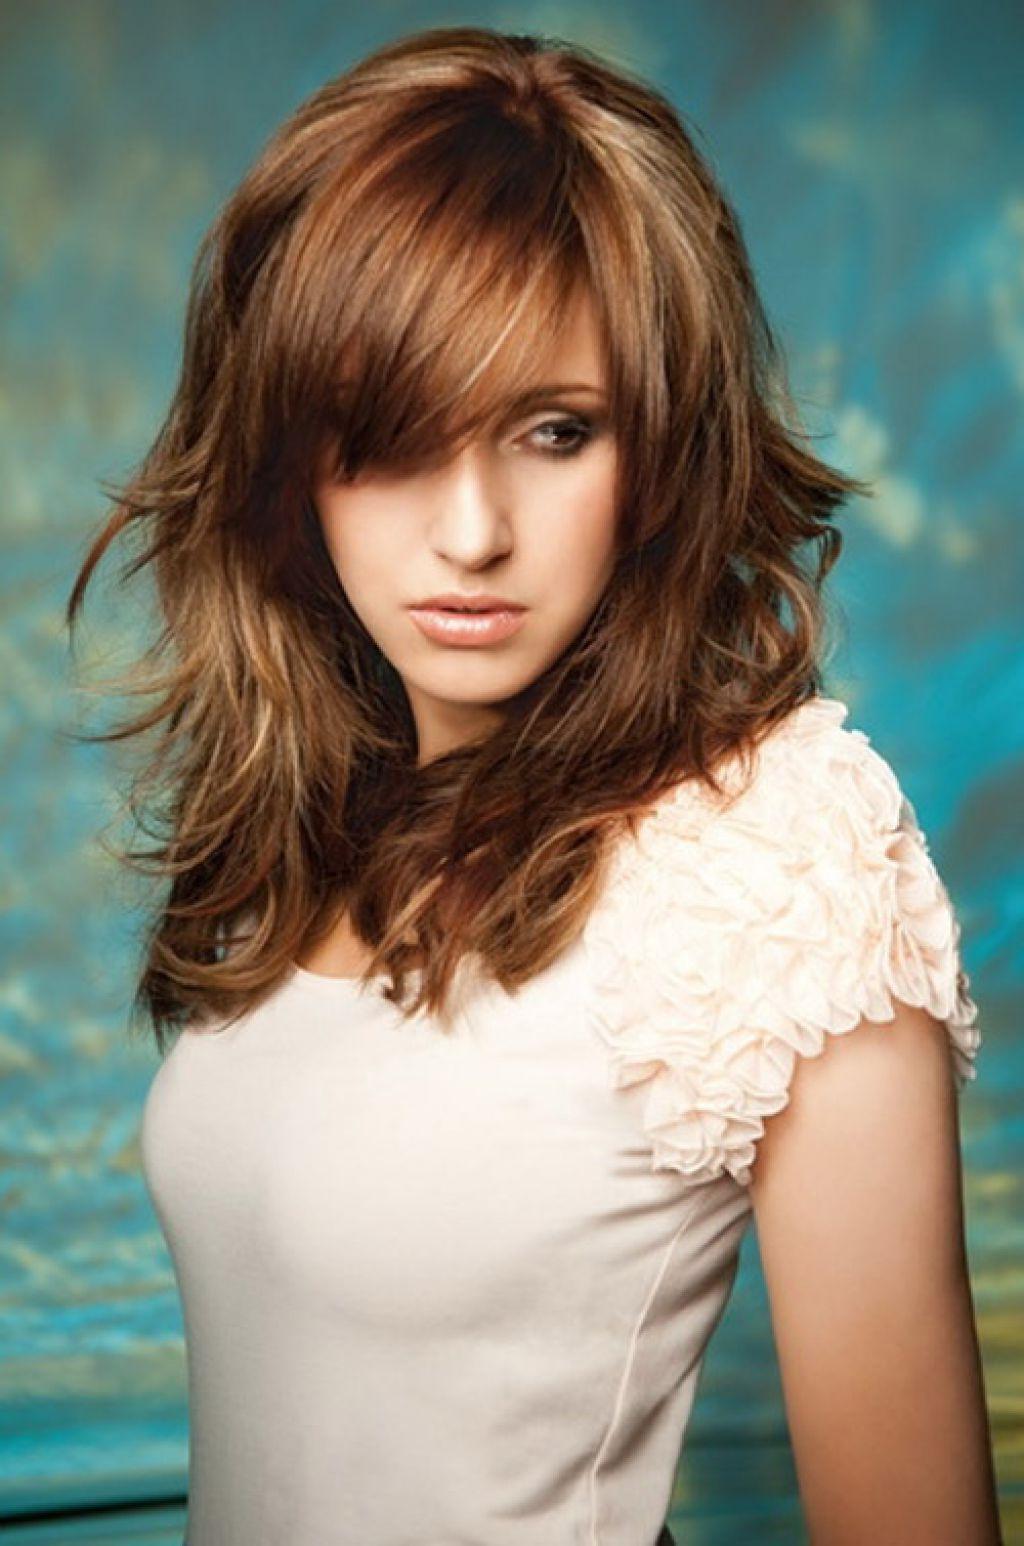 прически каскад с косой челкой на средние волосы